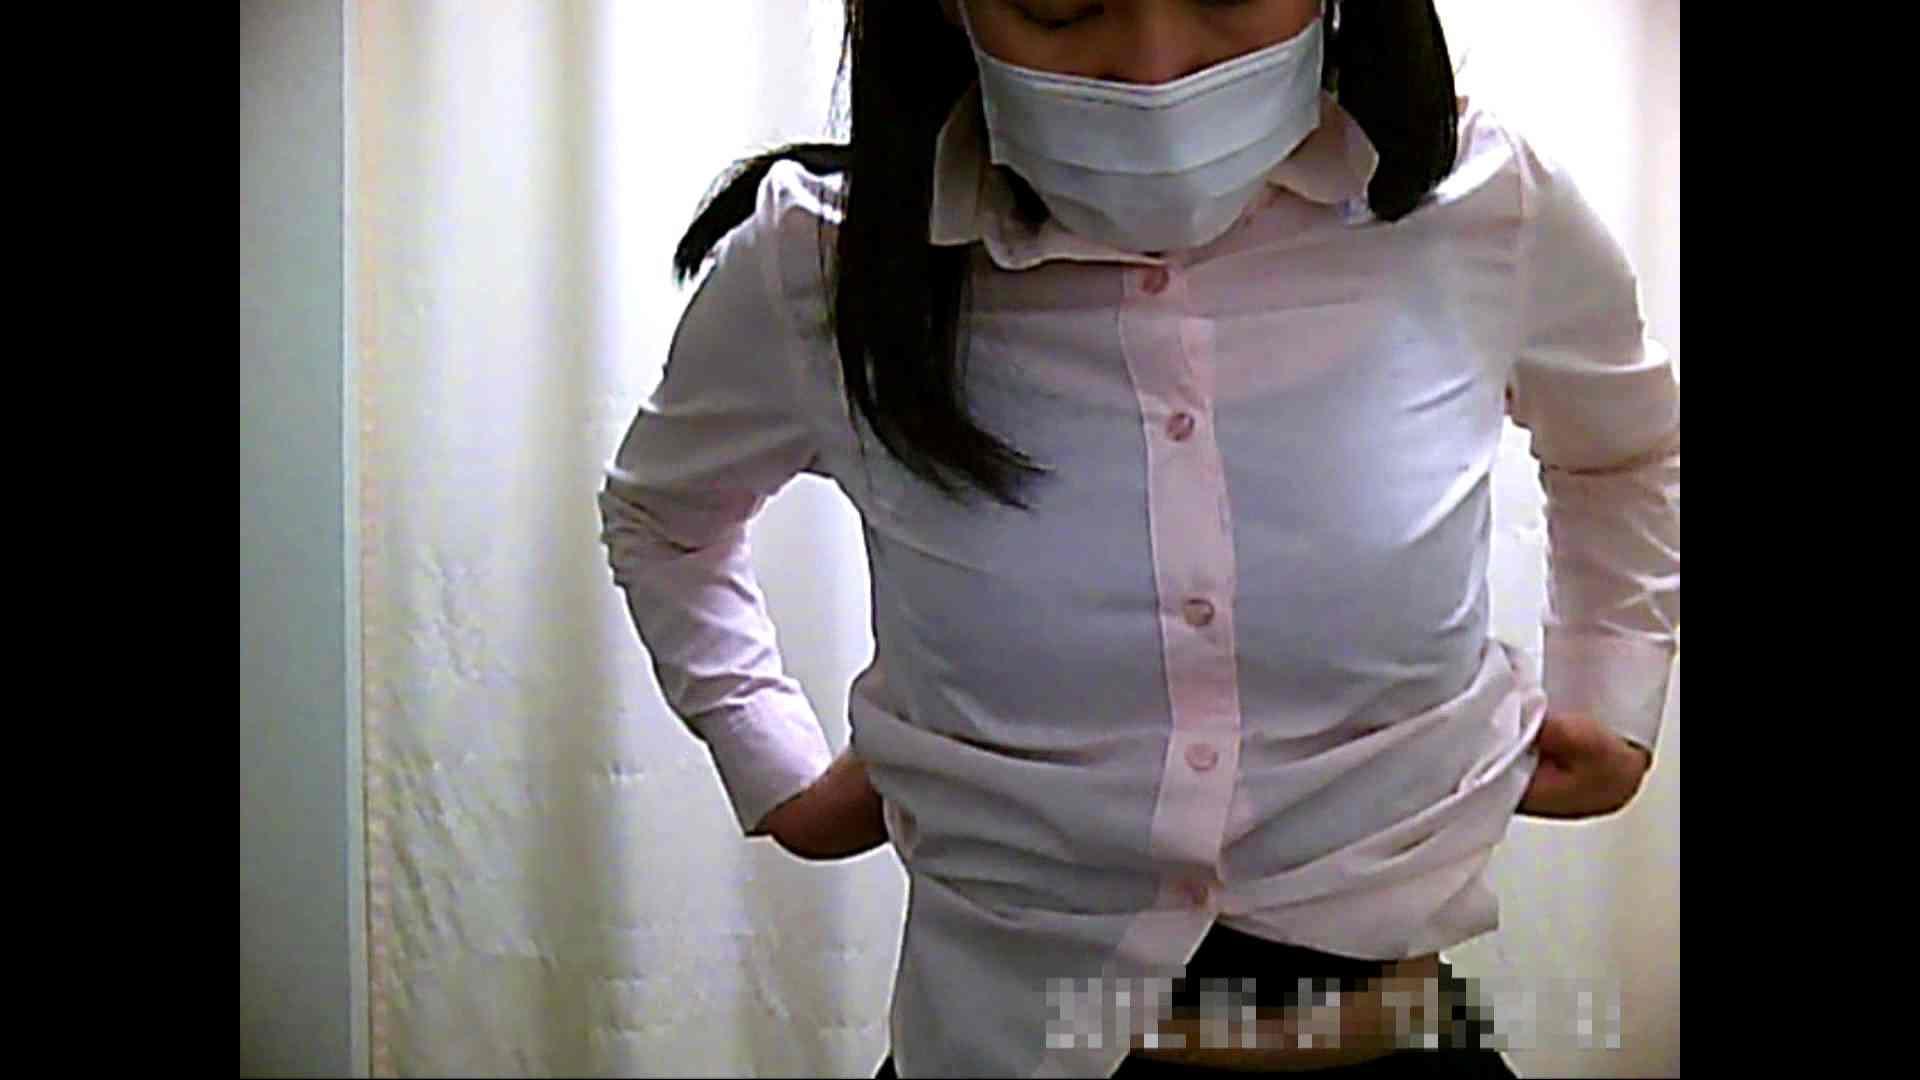 元医者による反抗 更衣室地獄絵巻 vol.004 OL | 0  84連発 80